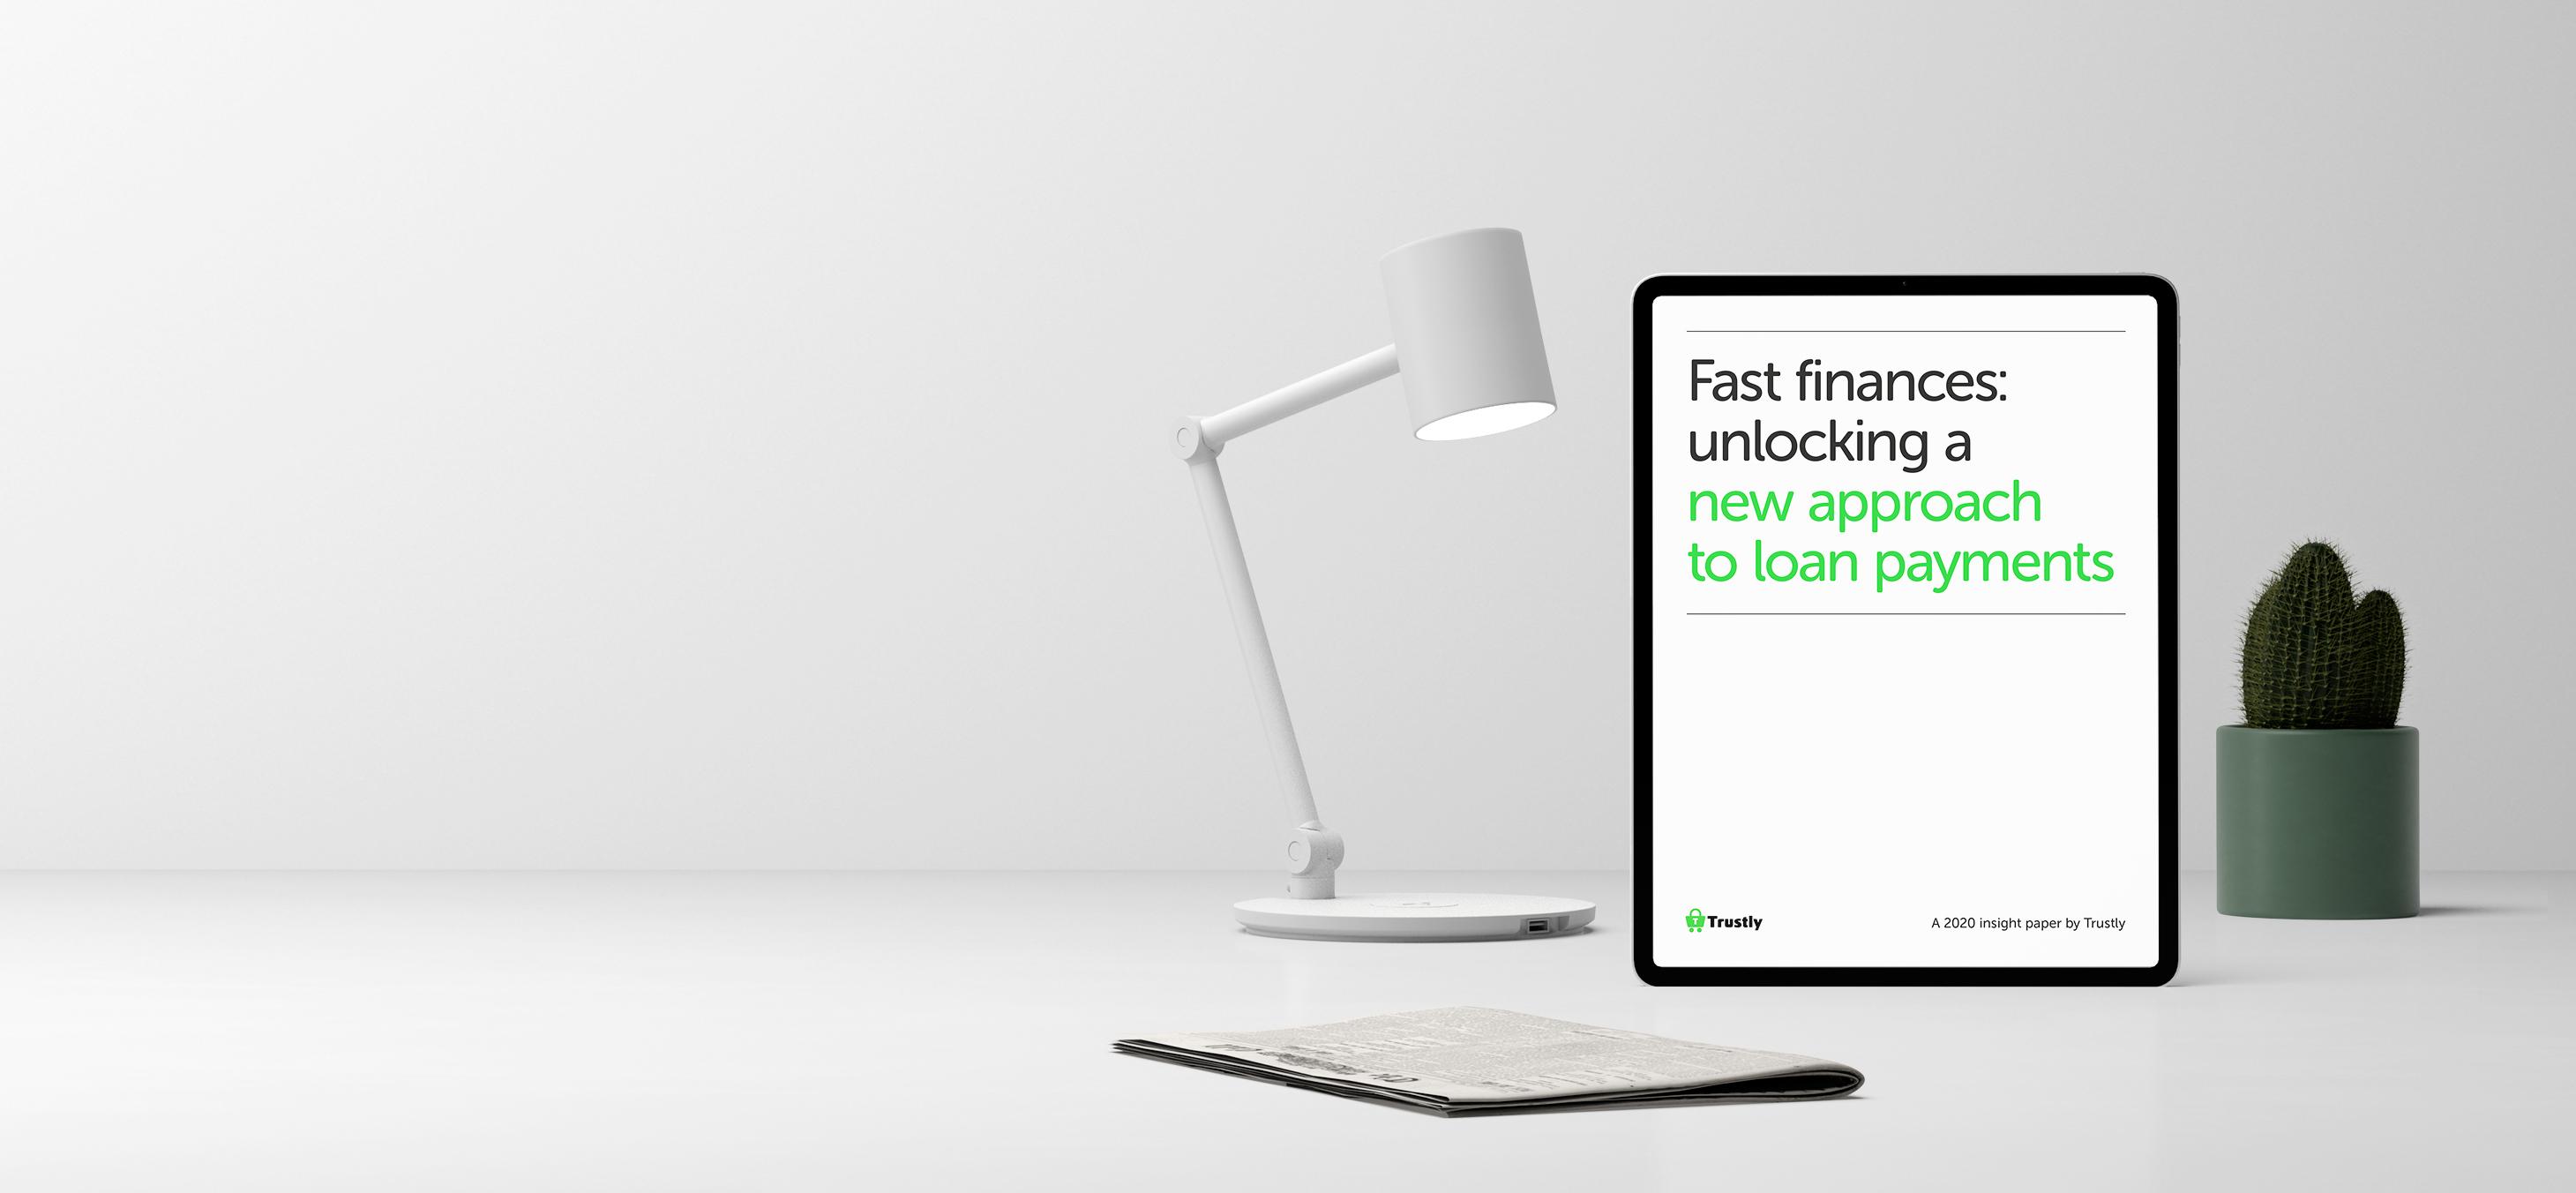 hero-loan-report-whitepaper-2920x1352